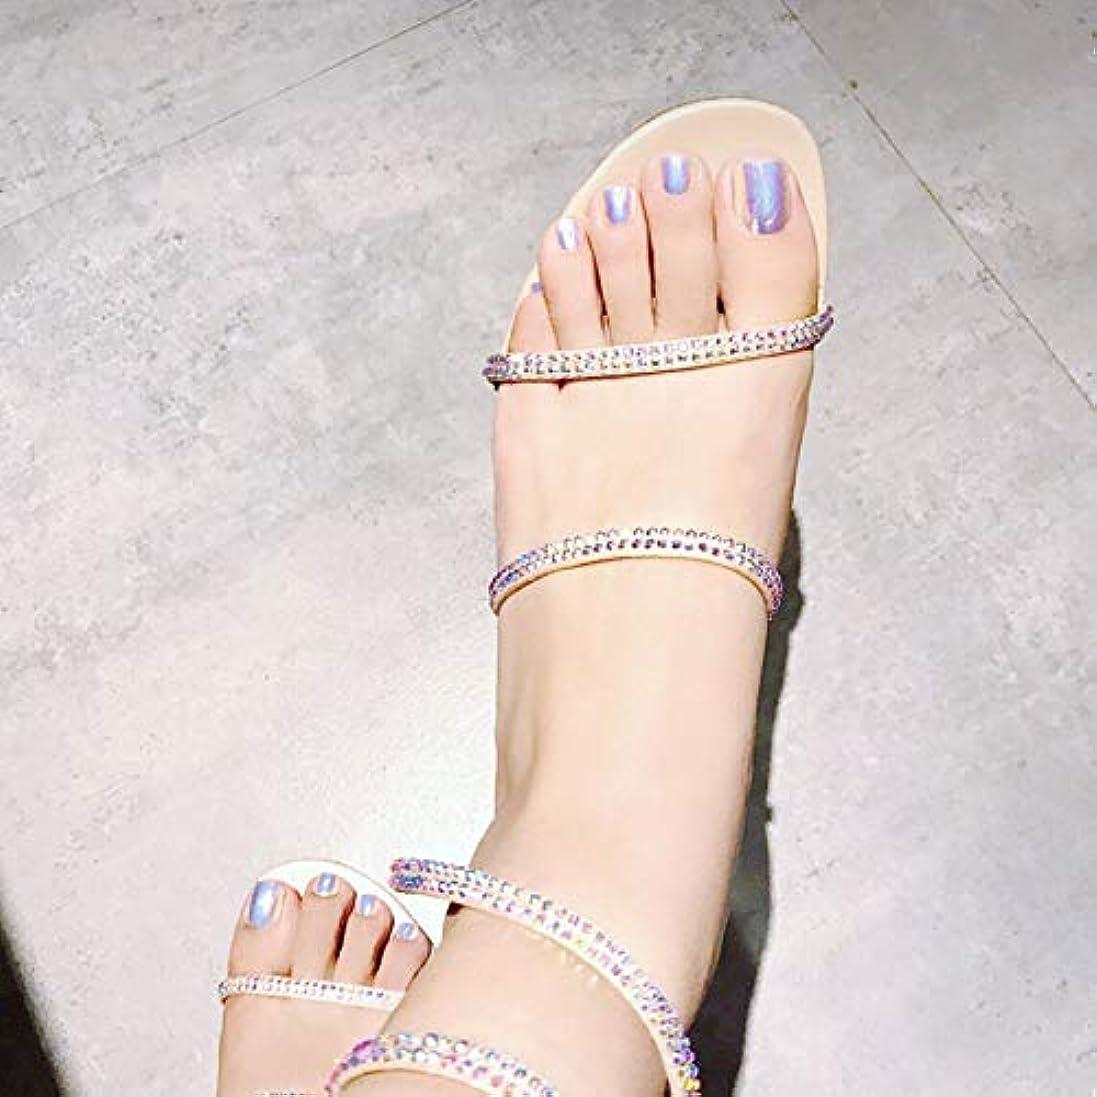 天気以来ガード足用24枚 純色 真珠光沢ネイルチップ 金属光の付け爪 手作りネイルチップ ネイルジュエリー つけ爪 シンプル 両面接着テープ付き 結婚式、パーティー、二次会など